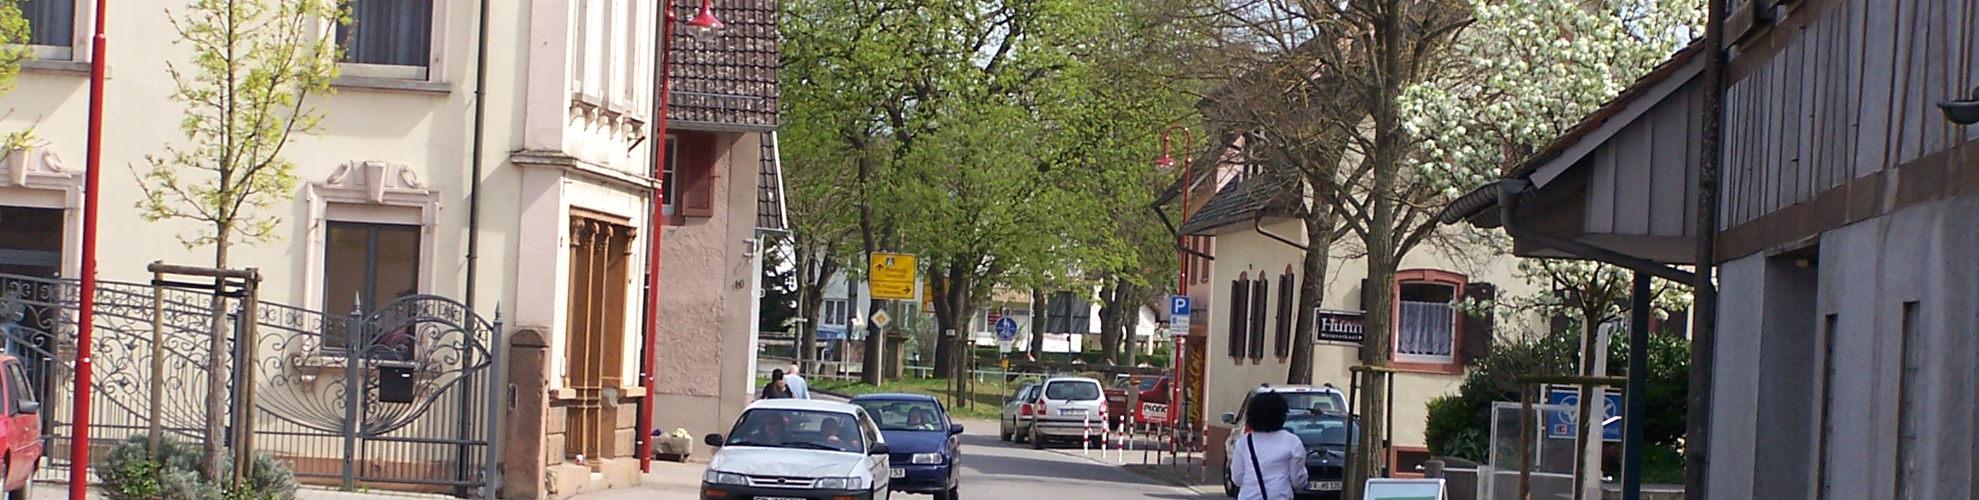 Gottenheimer Hauptstrasse